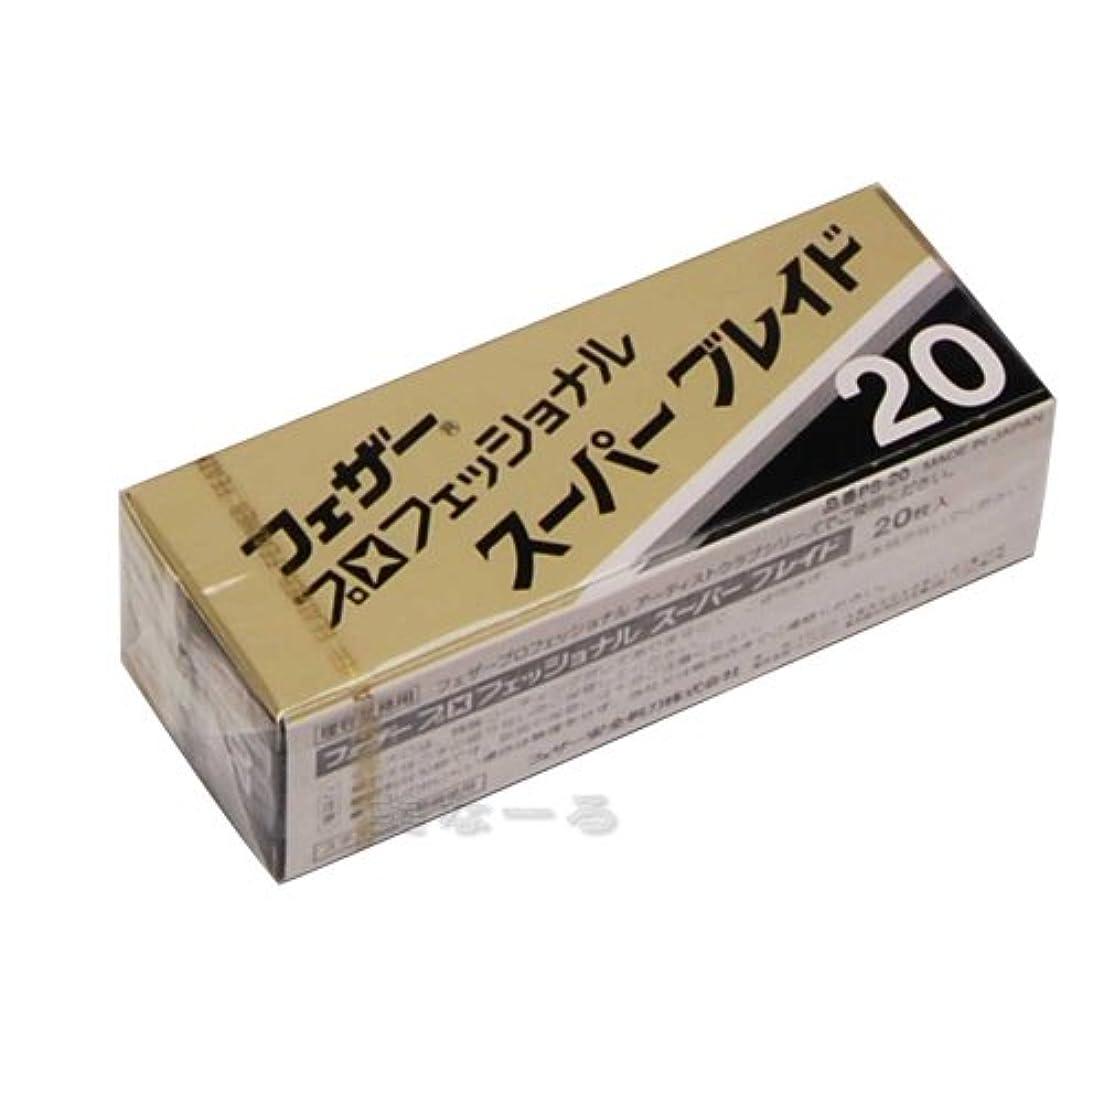 ホールアーサーコナンドイル貝殻フェザープロフェッショナルブレイド スーパーブレイド 20枚入